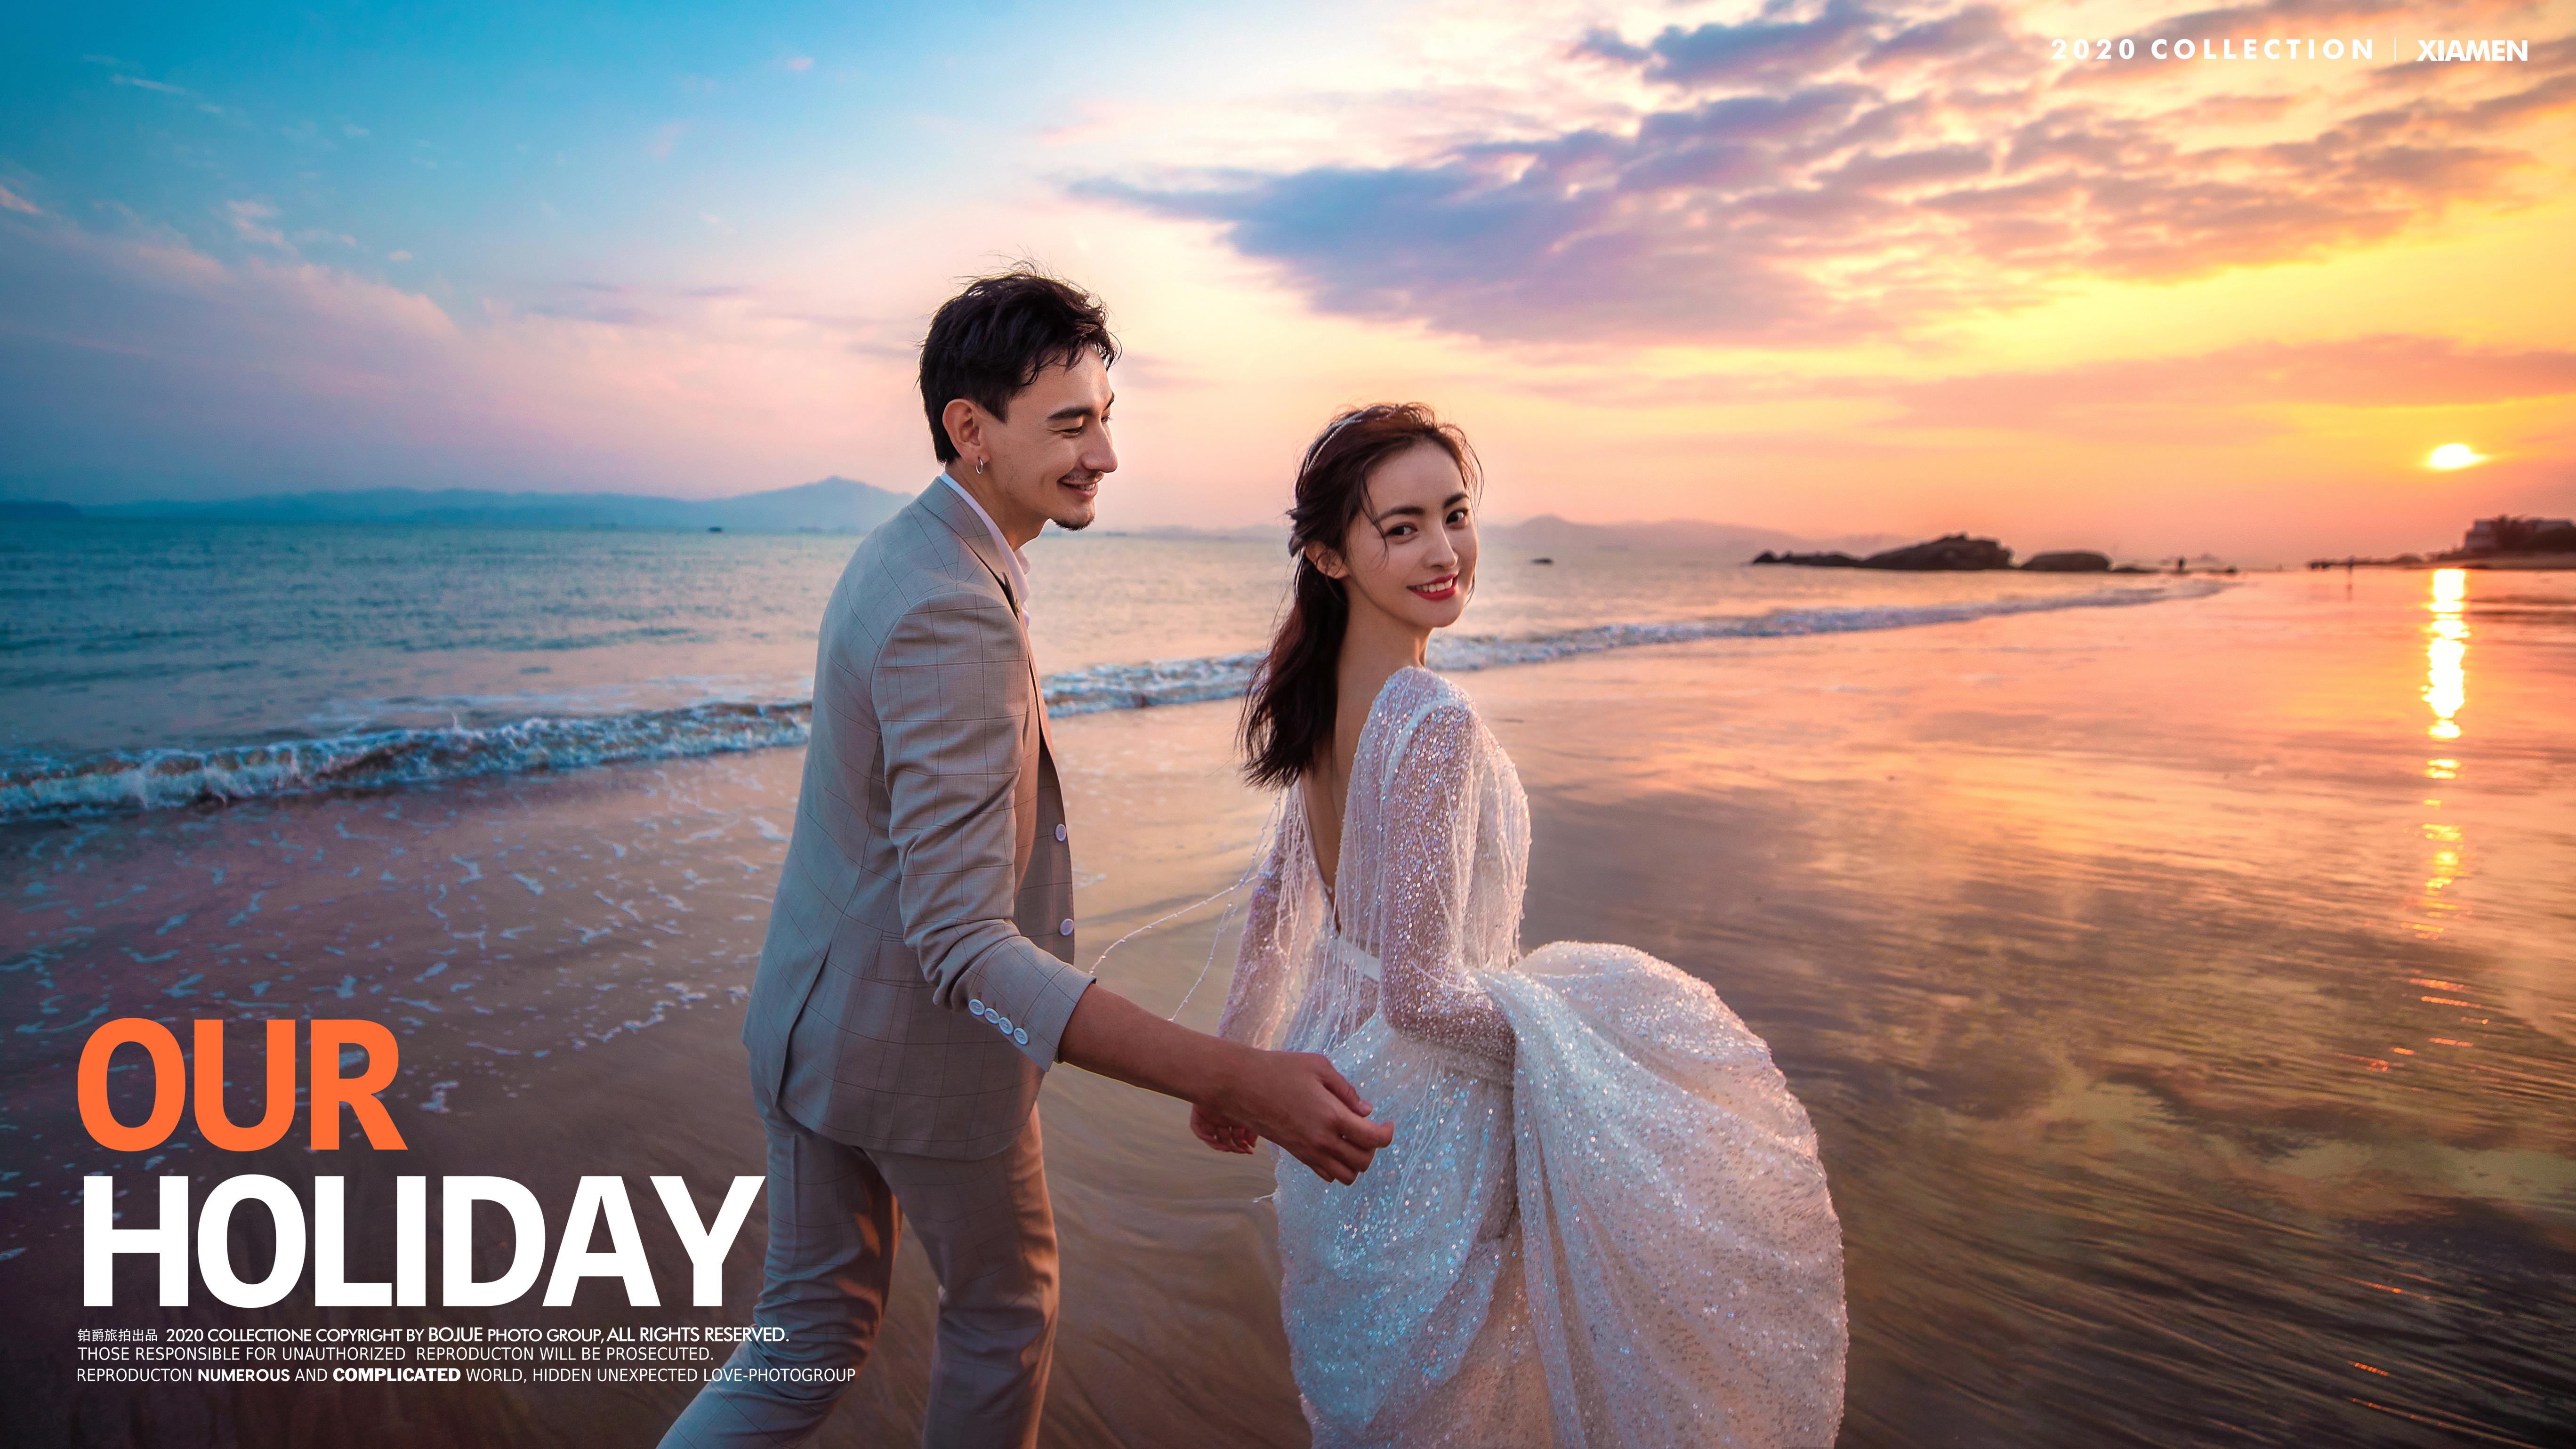 厦门旅拍婚纱照需要了解哪些花费问题呢?有哪些注意事项